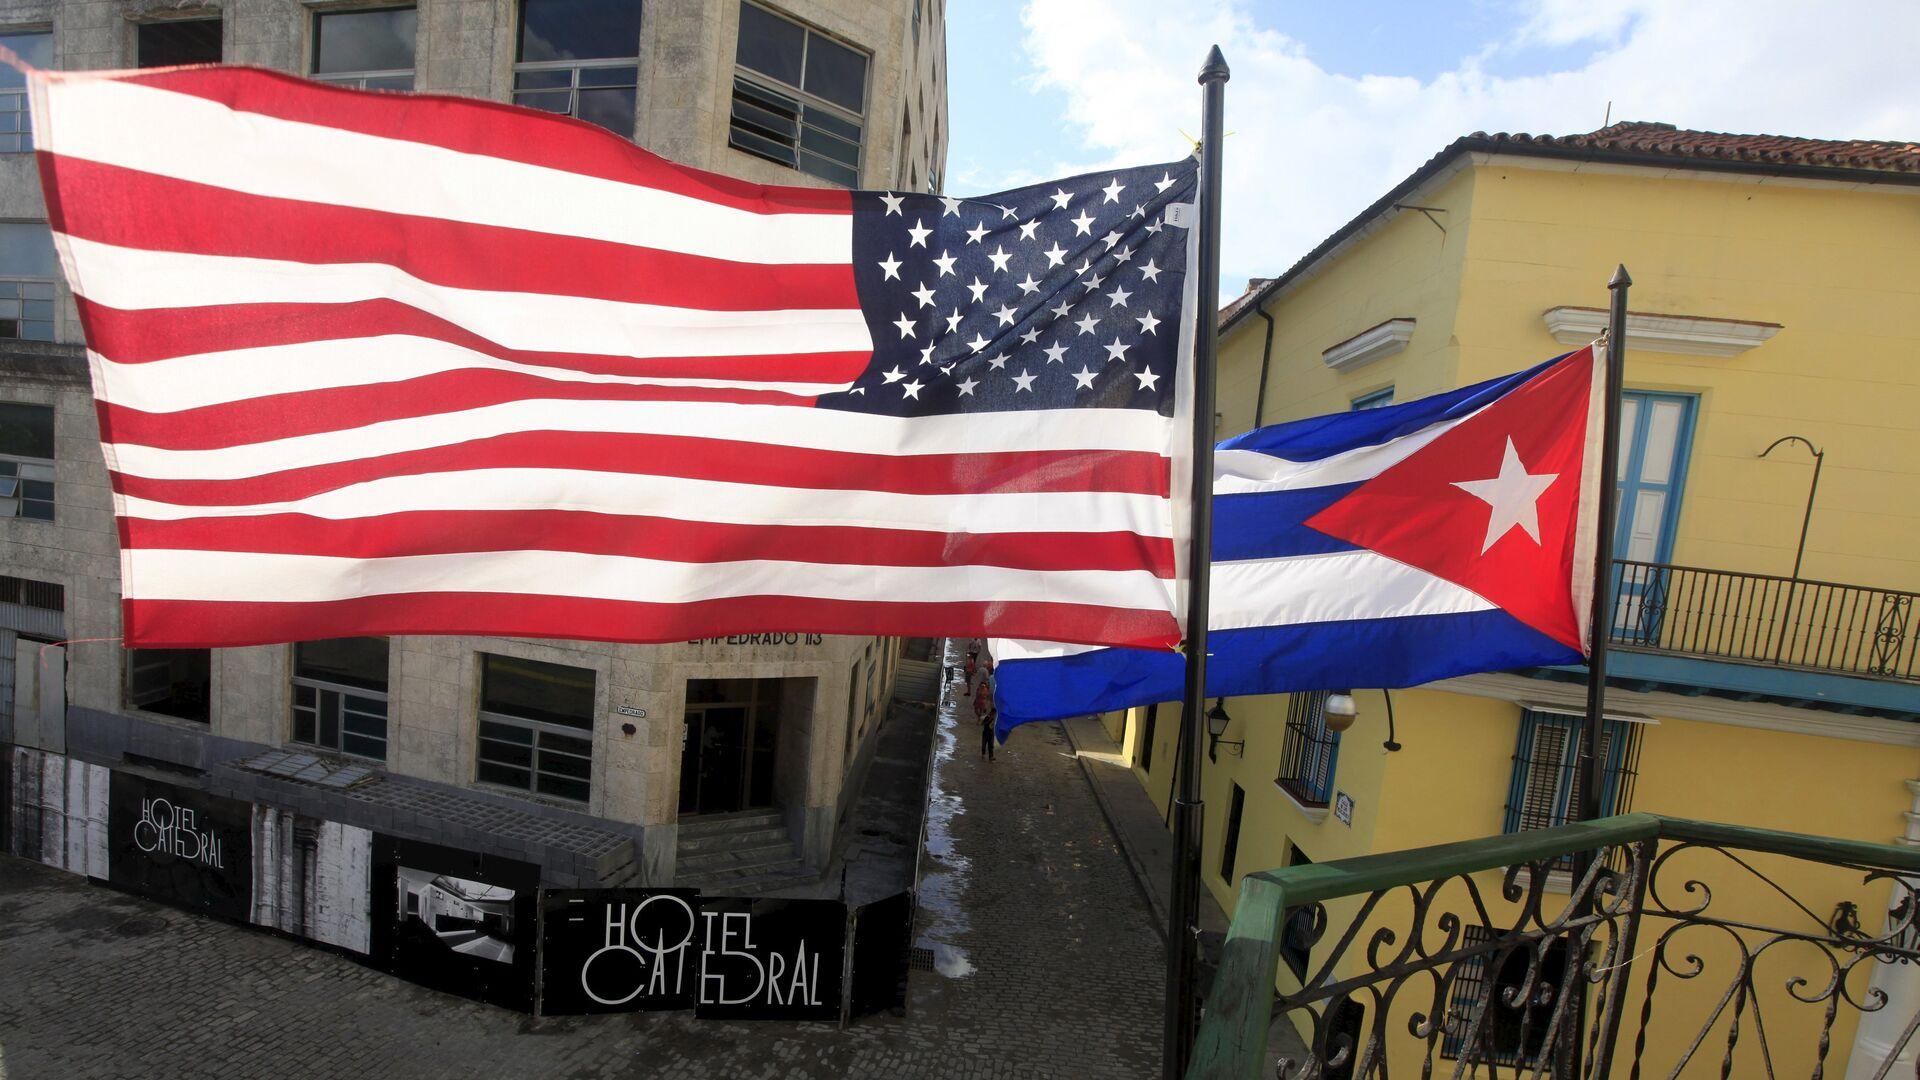 Bandiere degli USA e di Cuba - Sputnik Italia, 1920, 12.06.2021